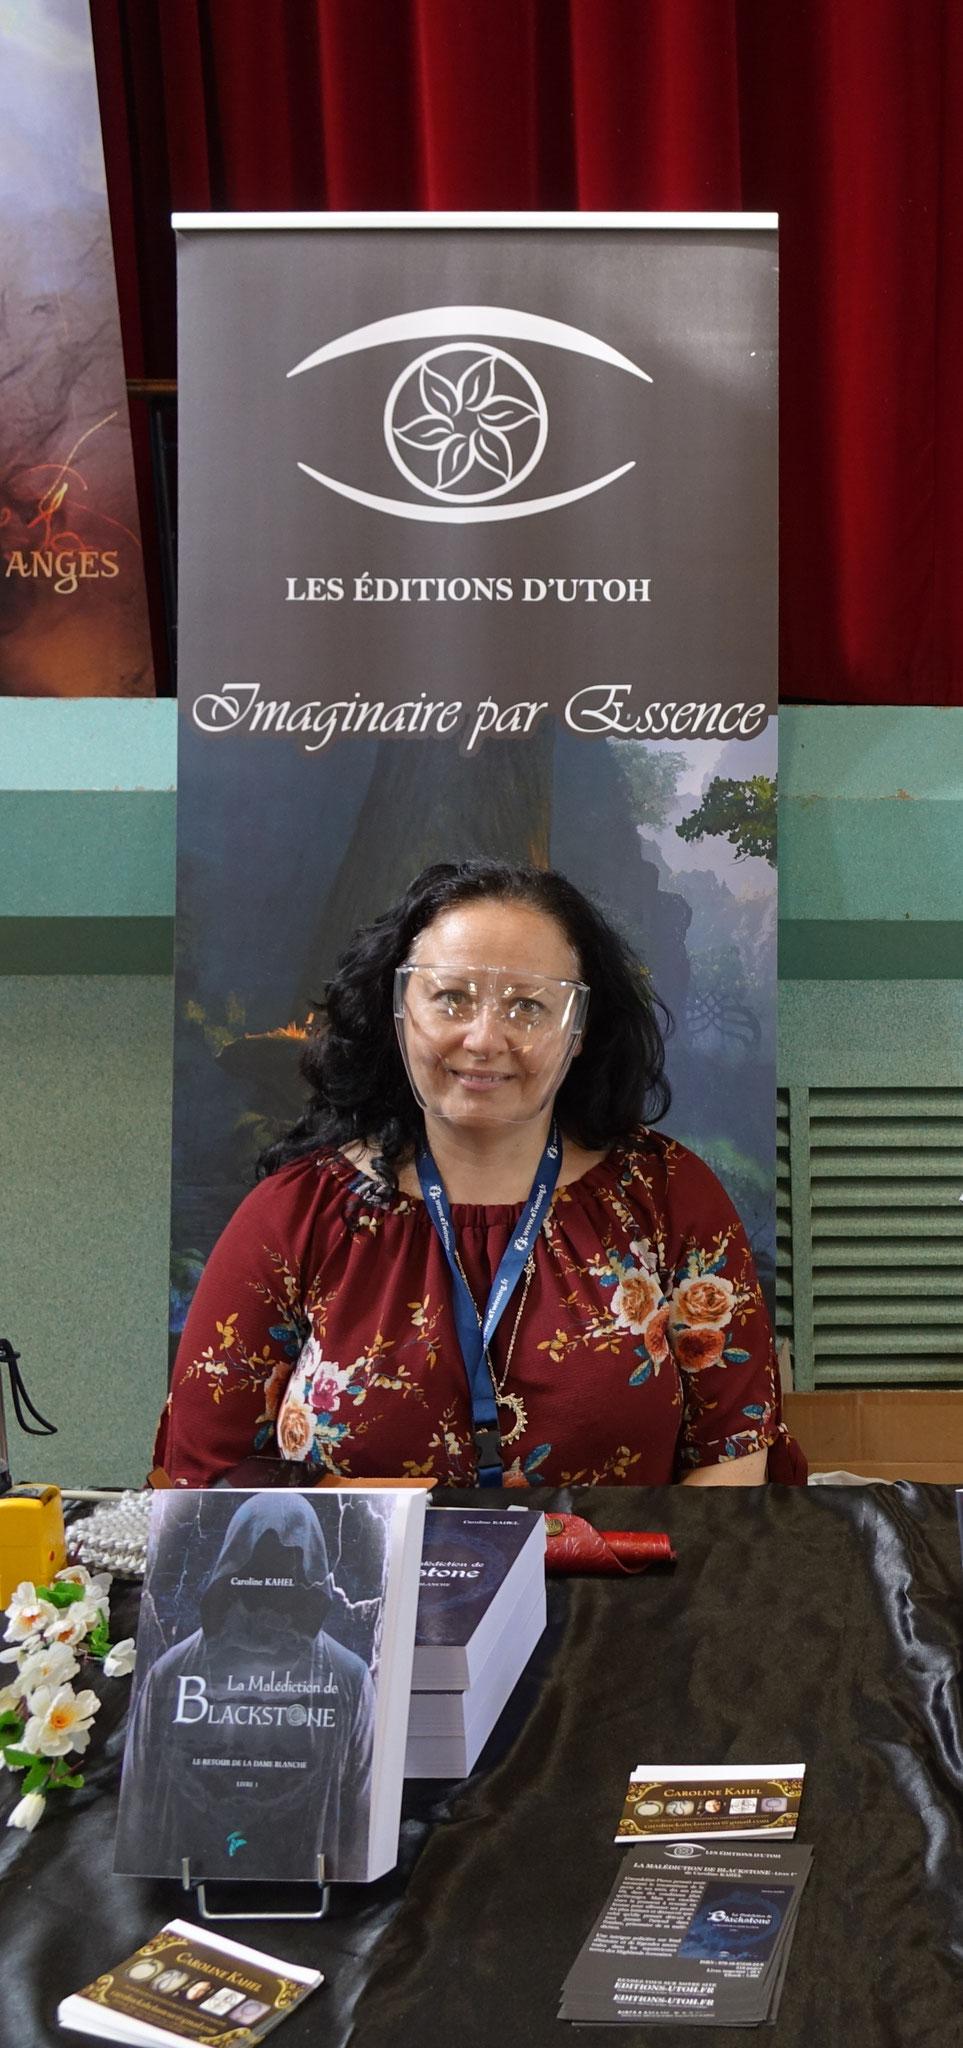 La sud axonaise Caroline Kahel publie aux Éditions d'Utoh, une maison dont la particularité est de sortir des livres autour du Fantastique.